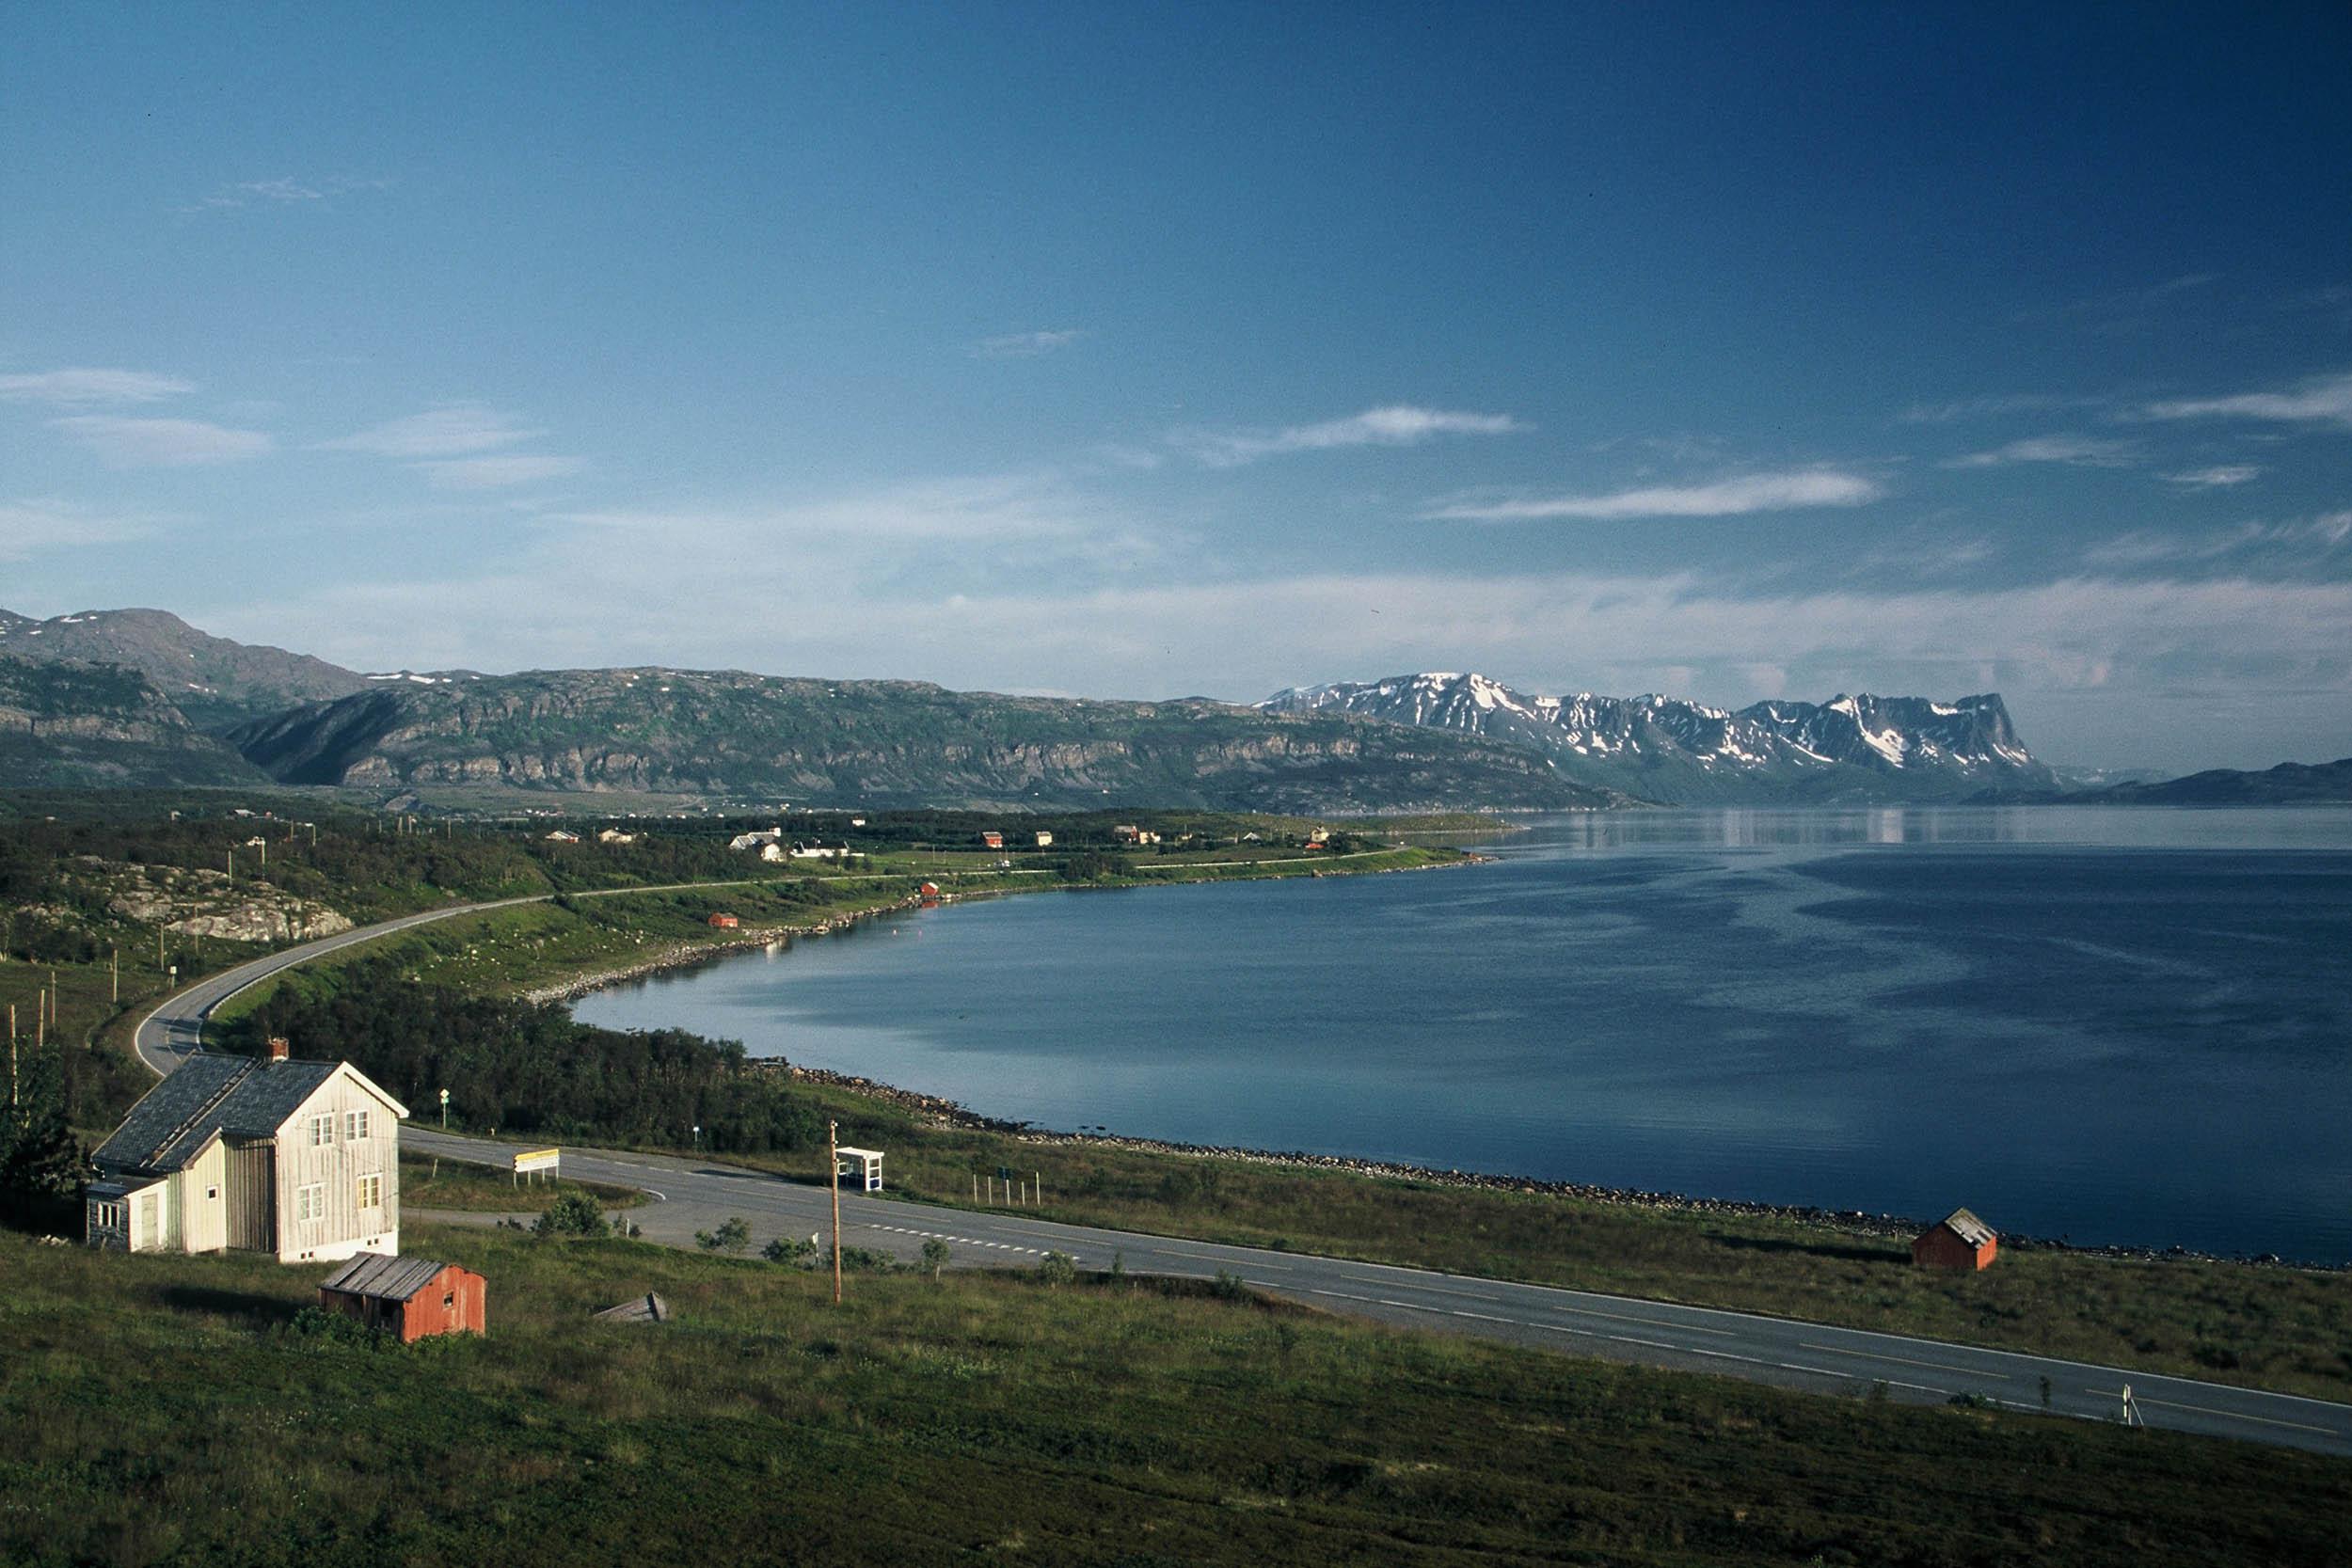 norwegen-fjord-zeltplatz